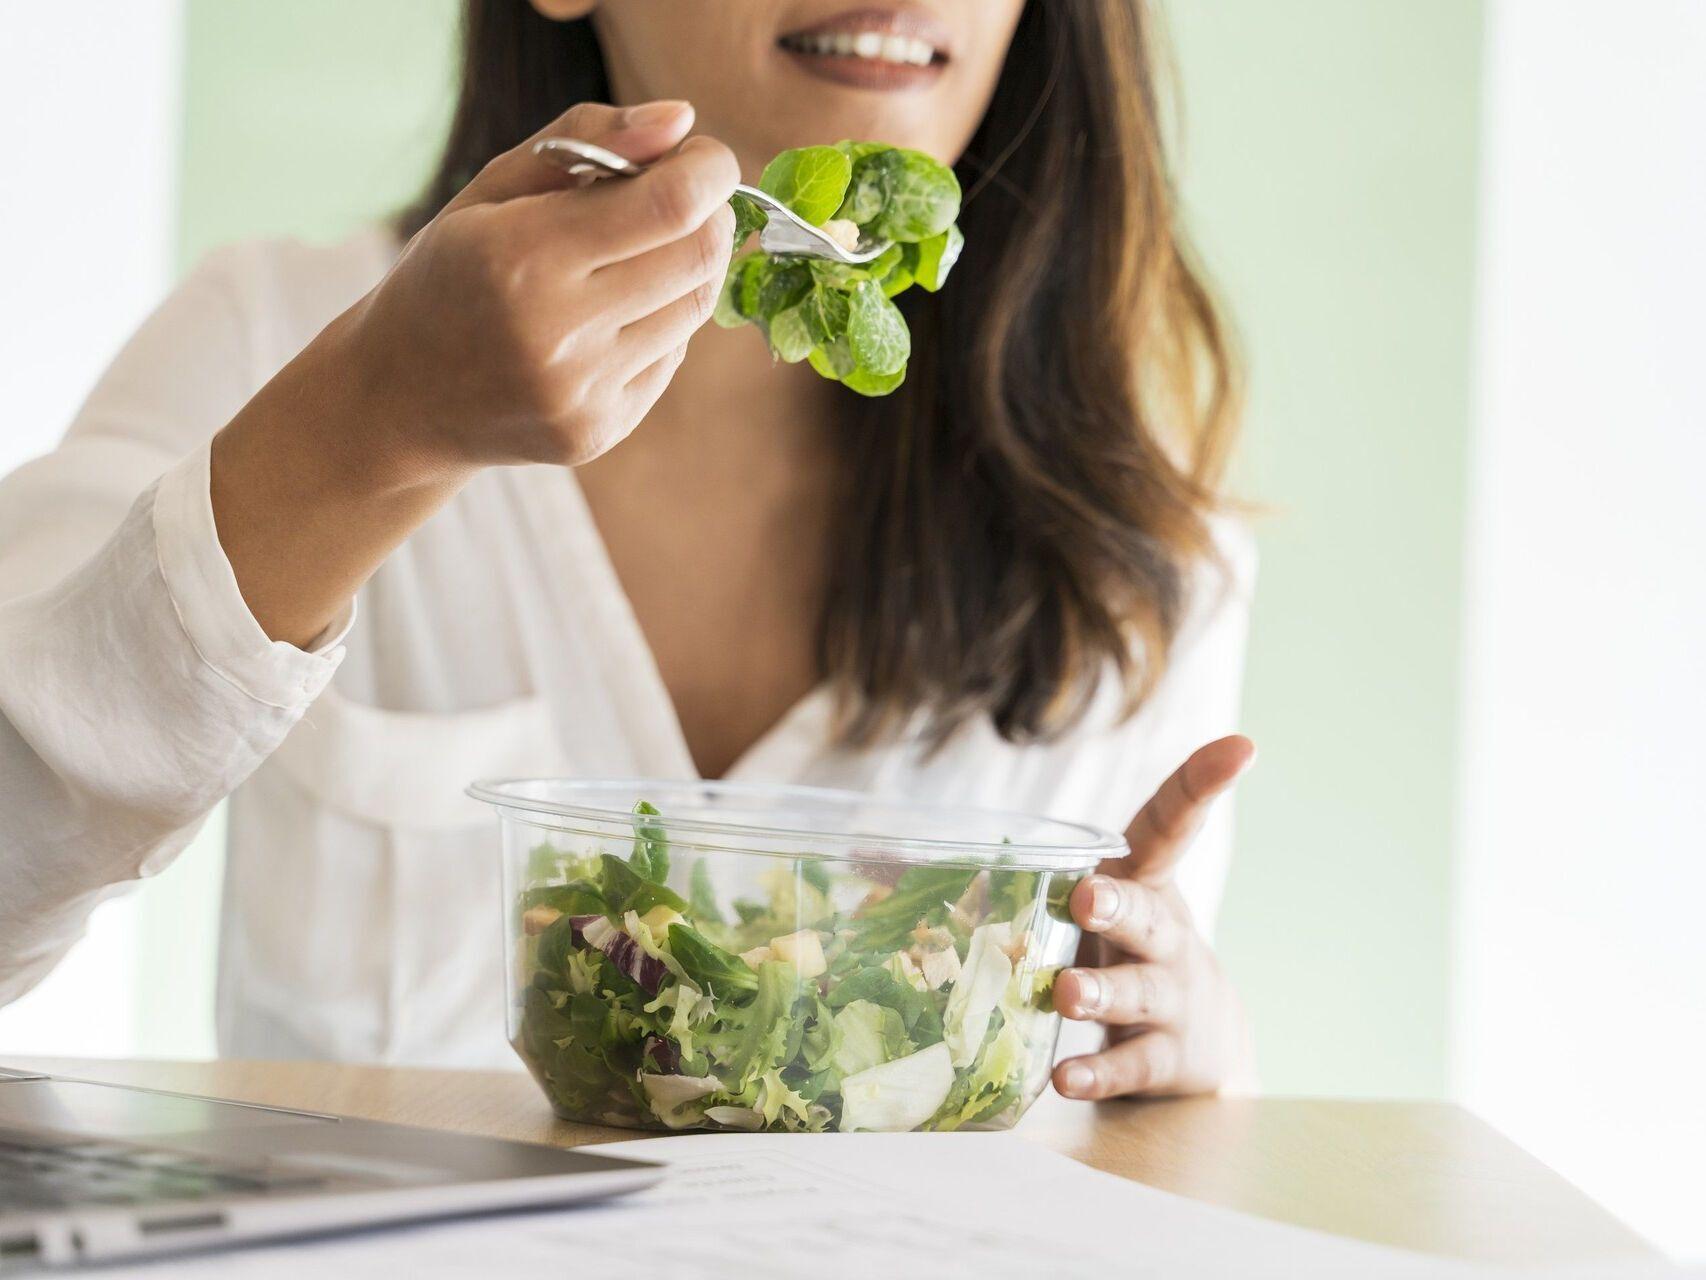 Солодкі фрукти й сухофрукти в другій половині дня не рекомендується вживати тим, хто страждає абдомінальним ожирінням